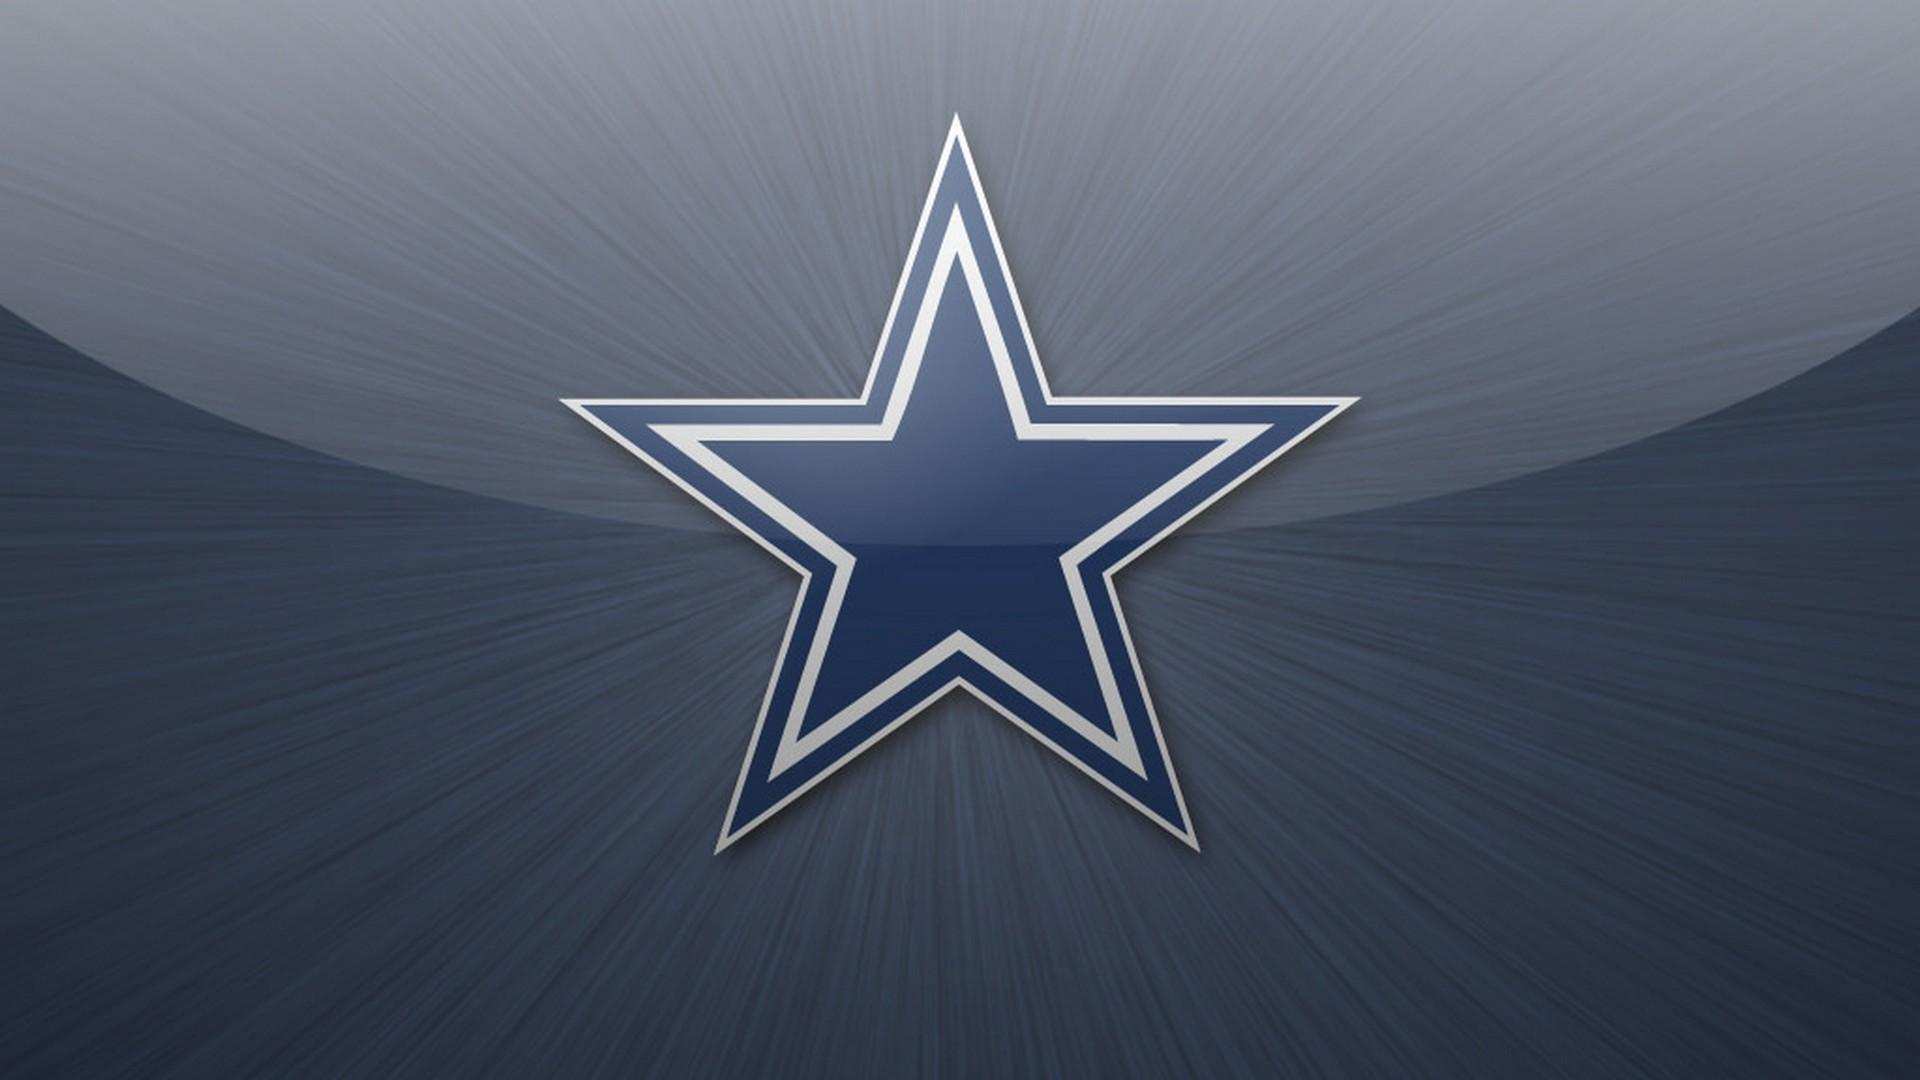 Dallas Cowboys Wallpaper 2019 - HD Wallpaper